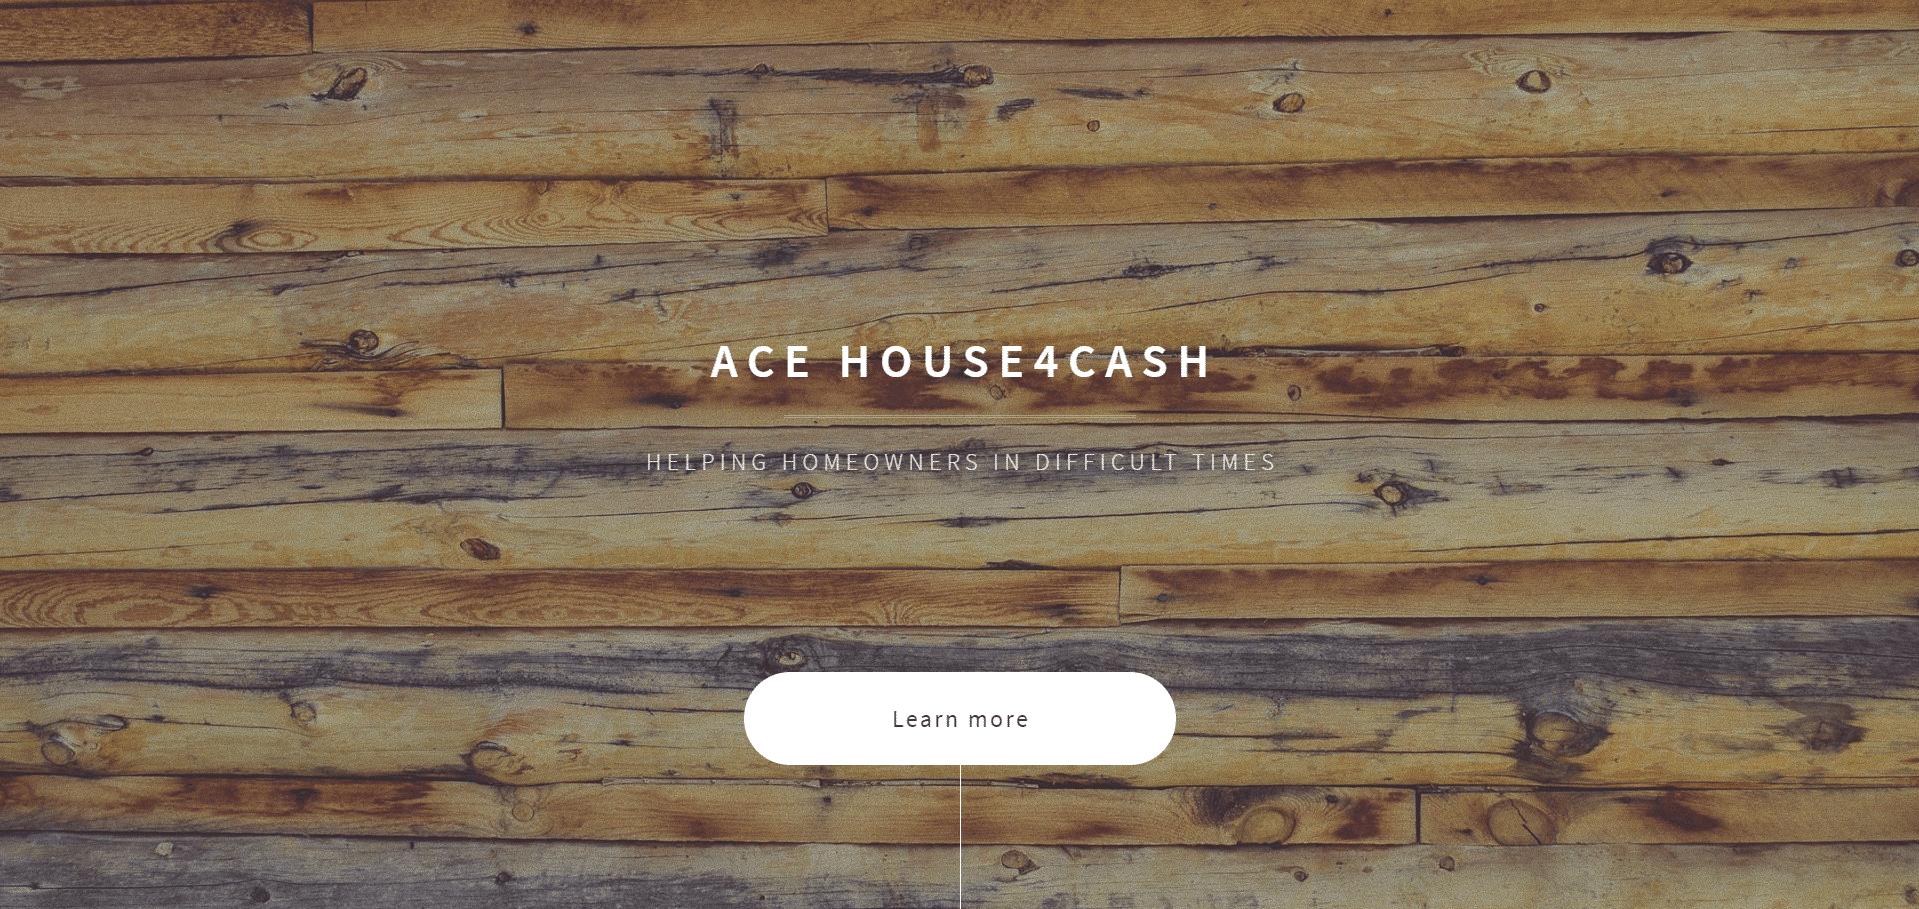 ACE house4cash